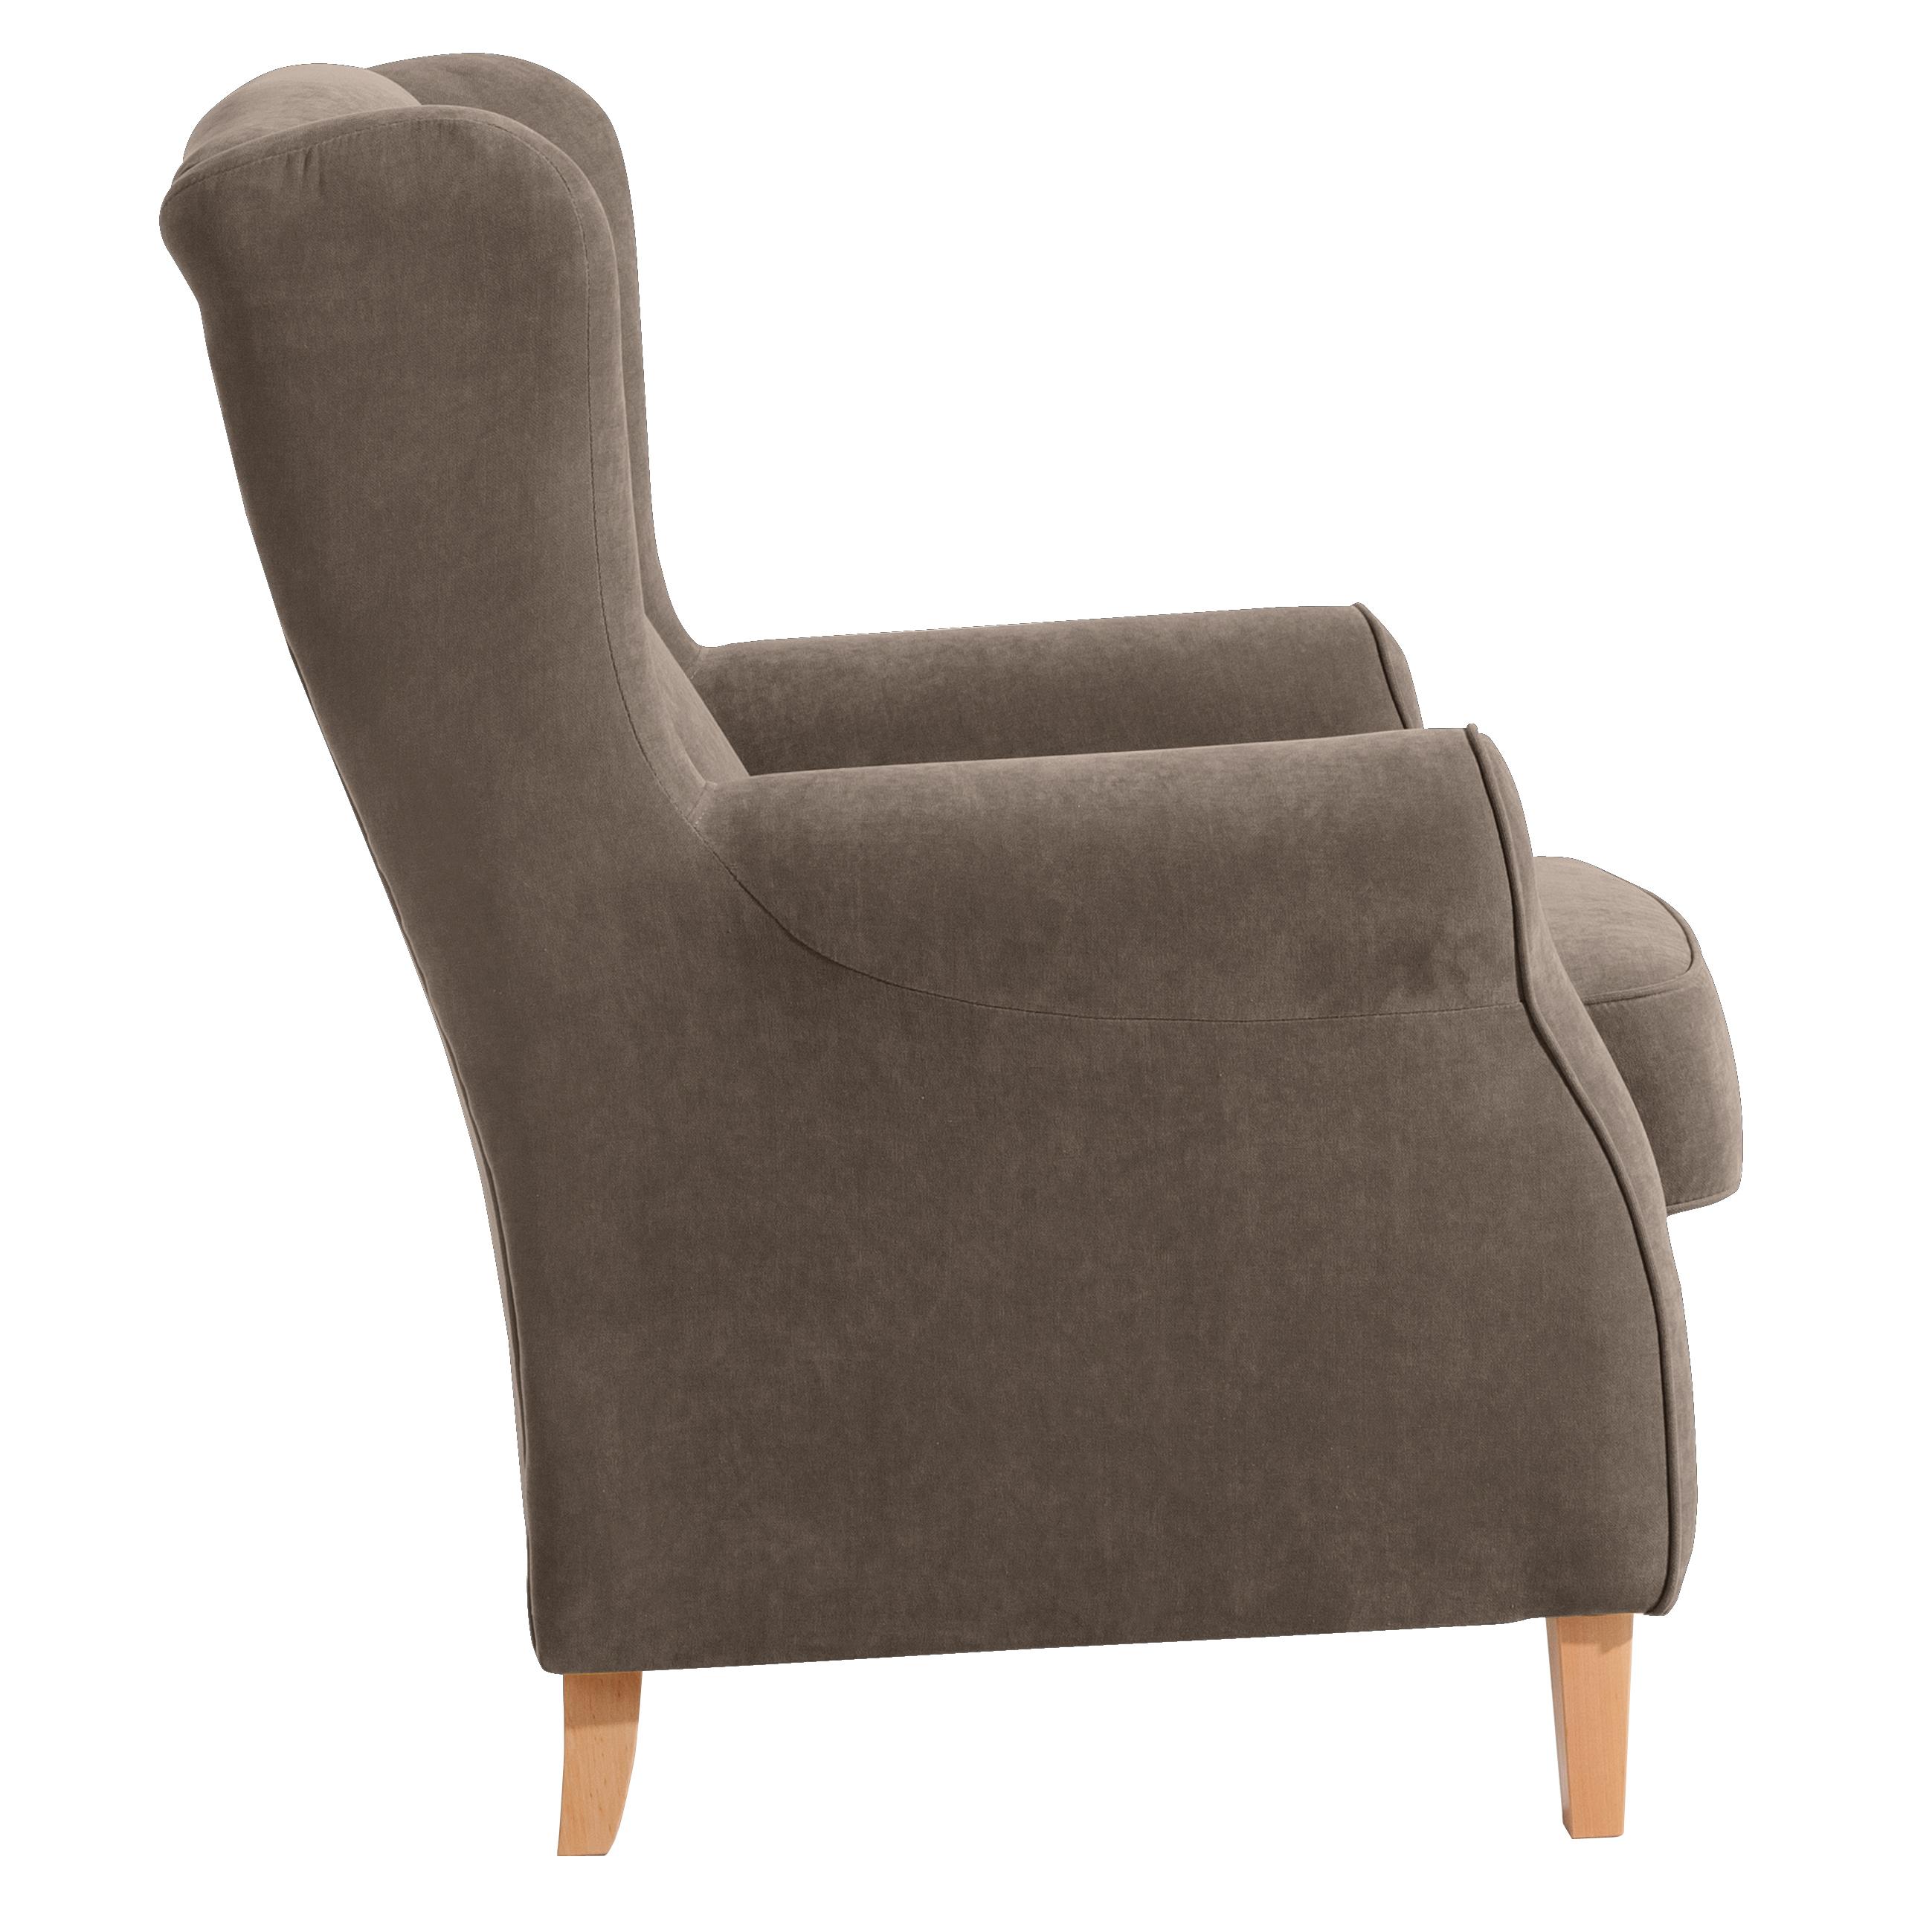 ohrenbackensessel einzelsessel mit dazu passendem hocker weiches flachgewebe in 12 farben. Black Bedroom Furniture Sets. Home Design Ideas